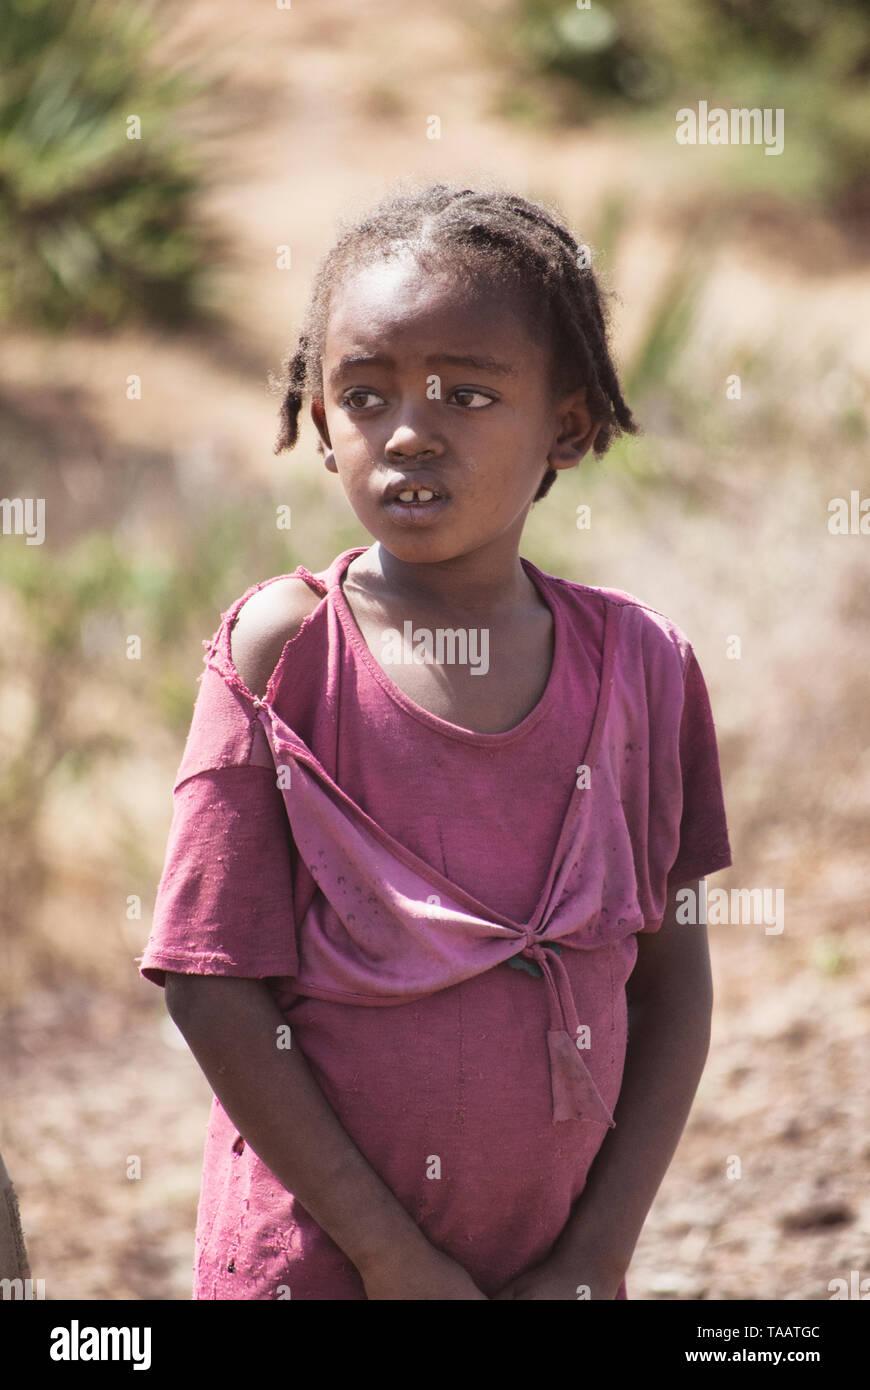 Niña en zona rural, Etiopía. La apropiación de tierras deja a muchas comunidades a vivir en la pobreza en medio de la disminución de los recursos naturales Foto de stock